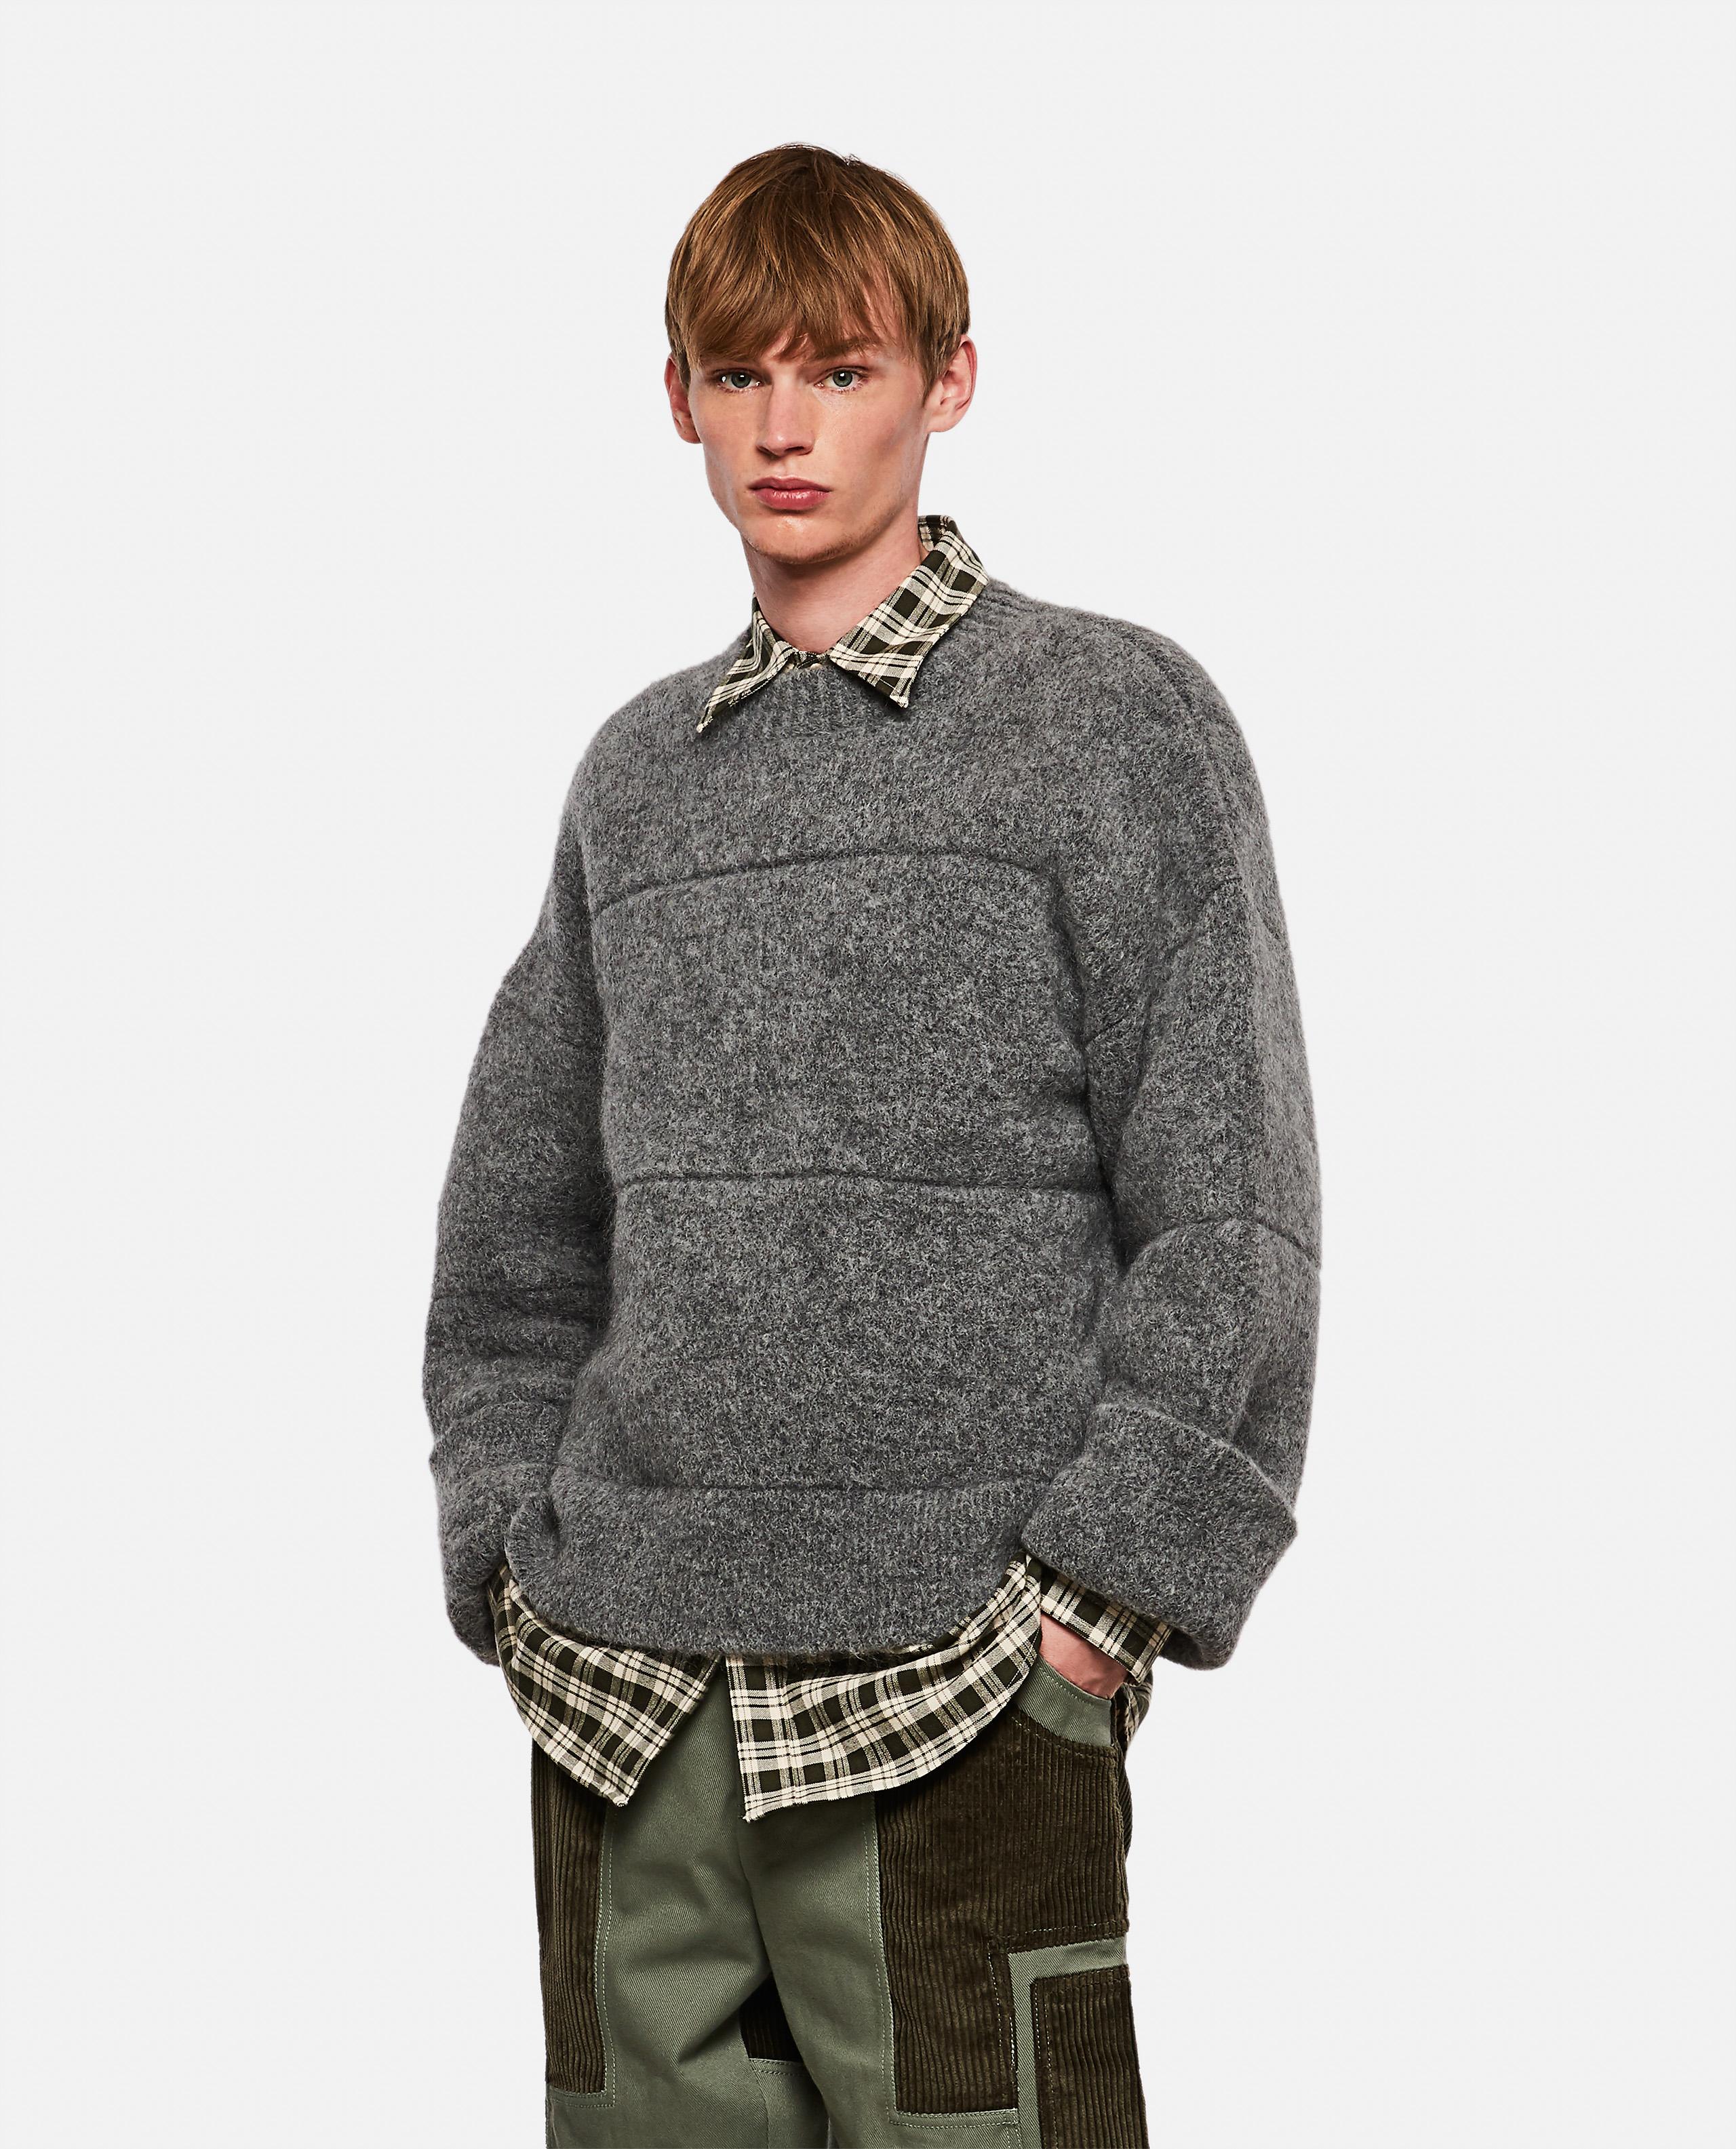 Albi sweater